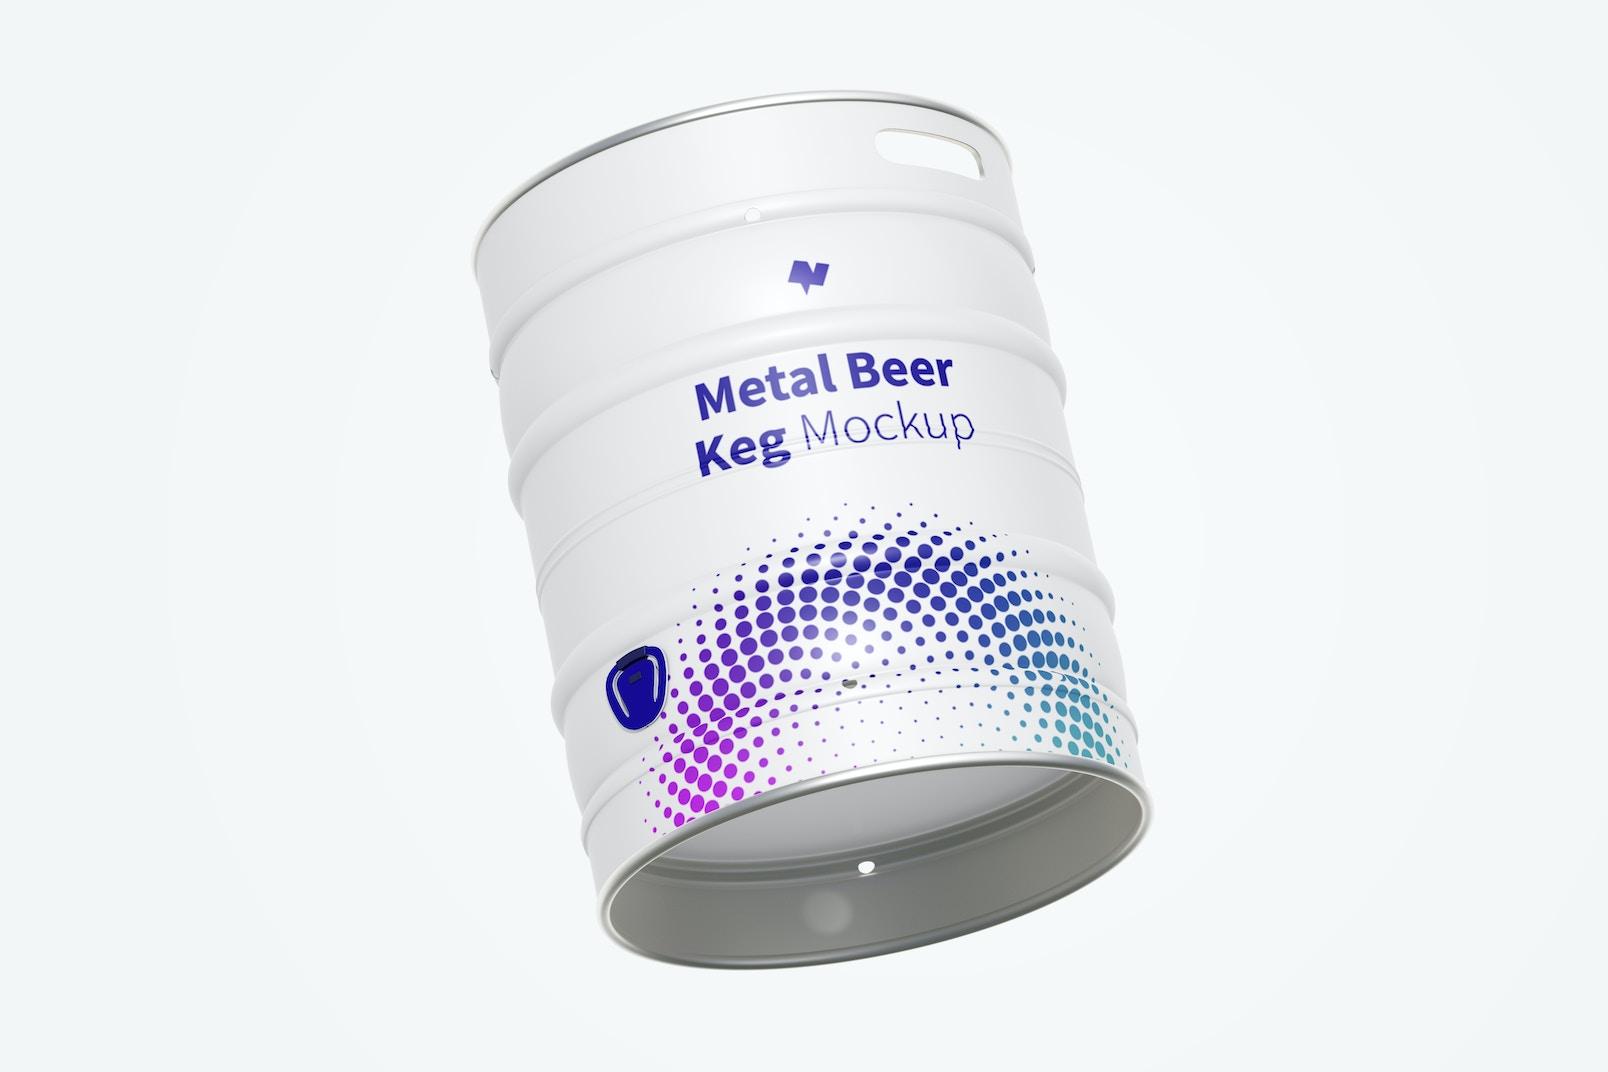 Metal Beer Keg Mockup, Floating